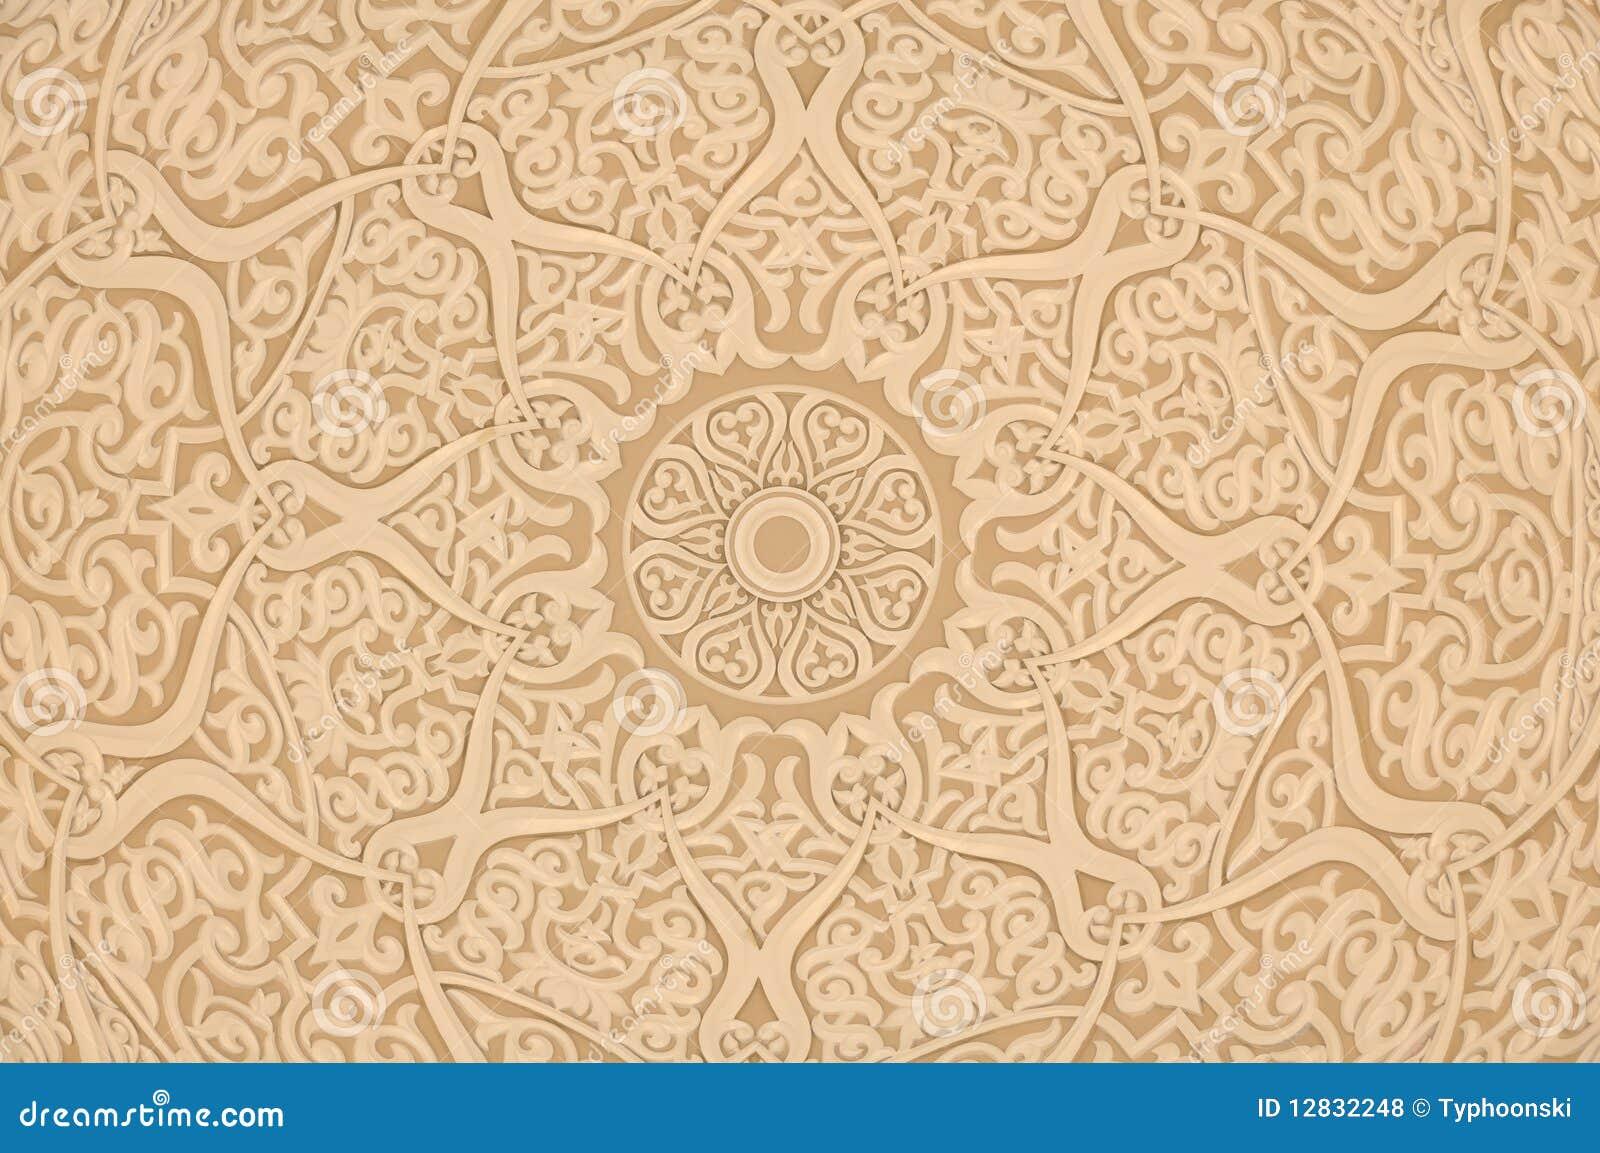 Orientalische Arabische Dekoration Stockfoto Bild Von